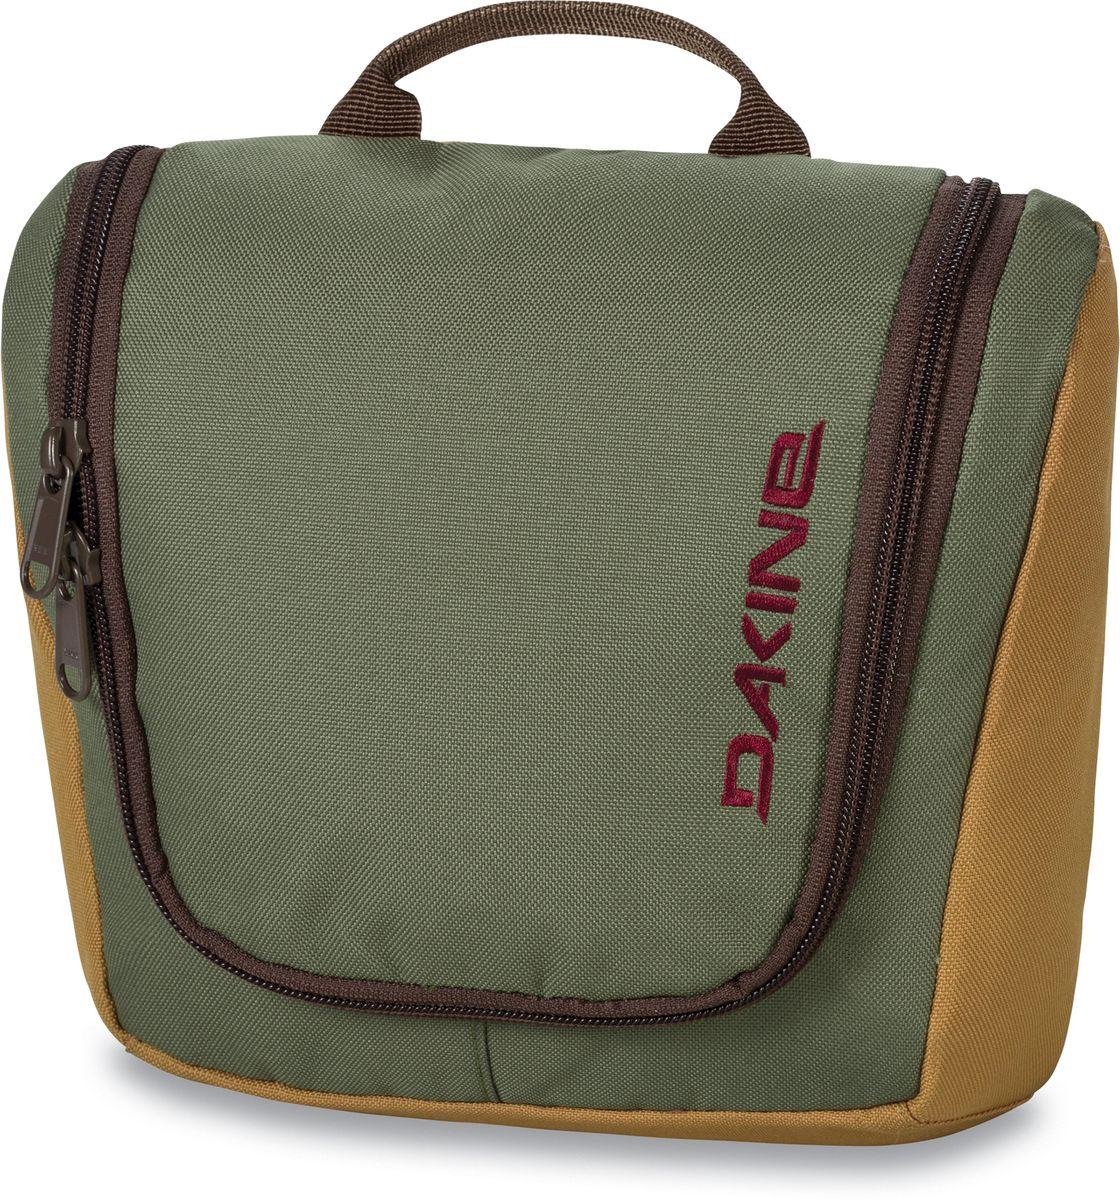 Косметичка дорожная Dakine Travel Kit, цвет: хаки, 3 л332515-2800Косметичка Dakine Travel Kit выполнена из полиэстера и застегивается на молнию. Модель может подвешиваться за крючок. Внутри отделение-органайзер.